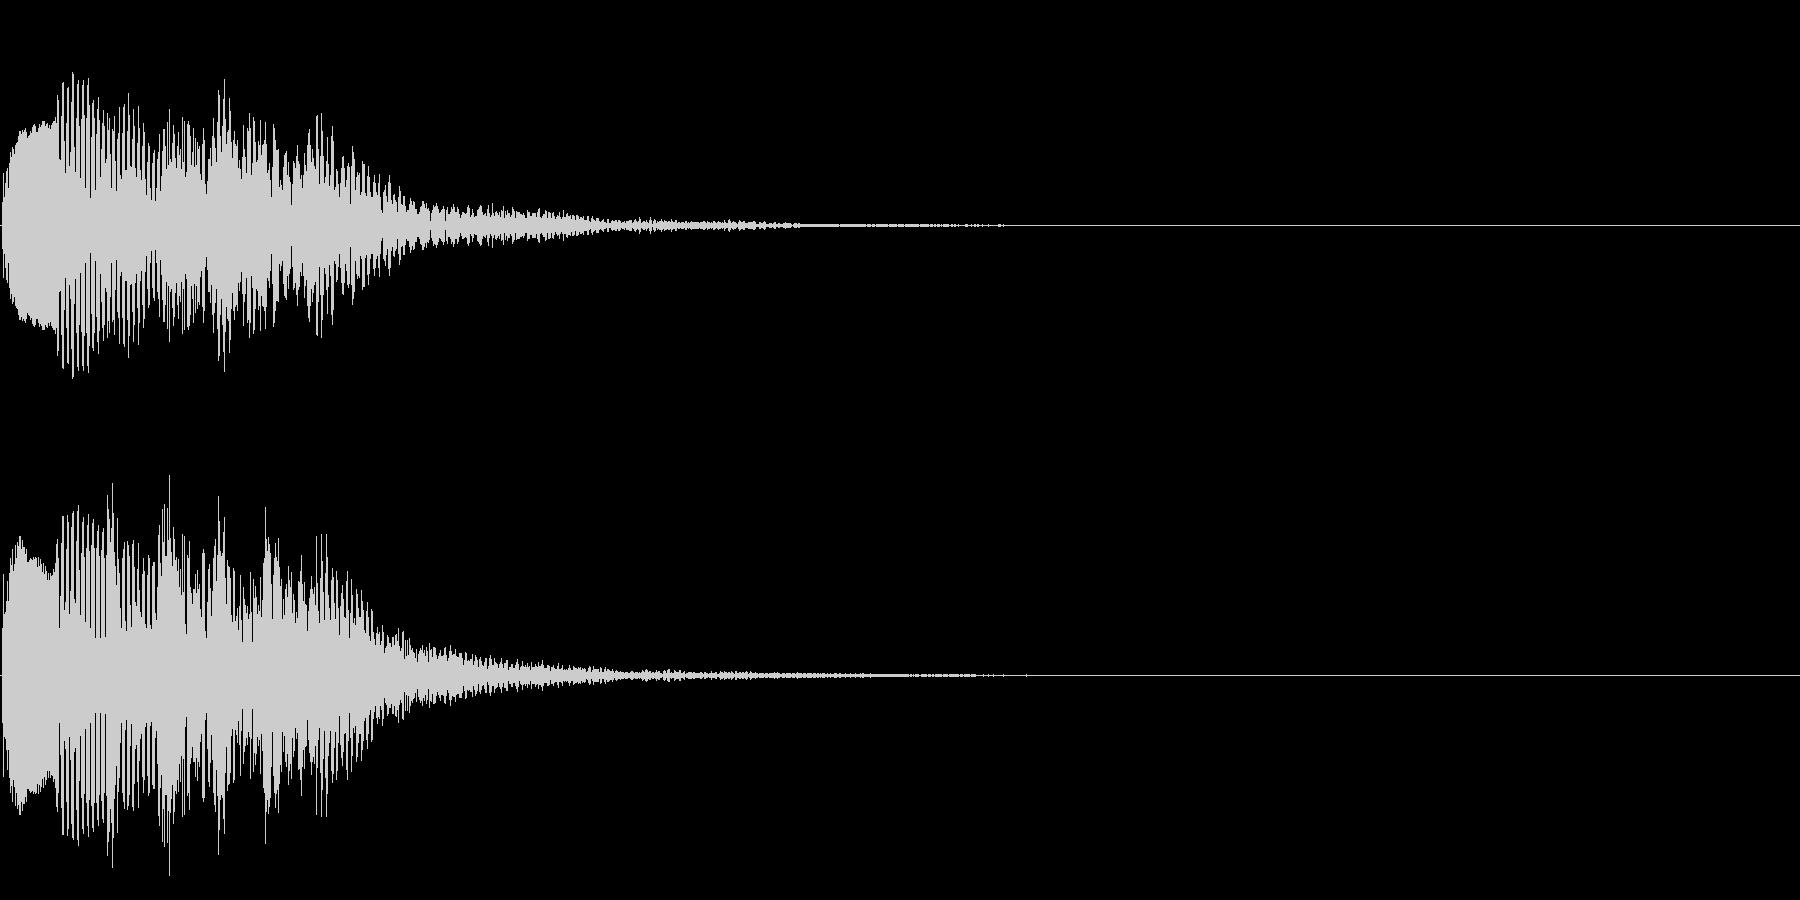 場面転換03(かわいい音)の未再生の波形